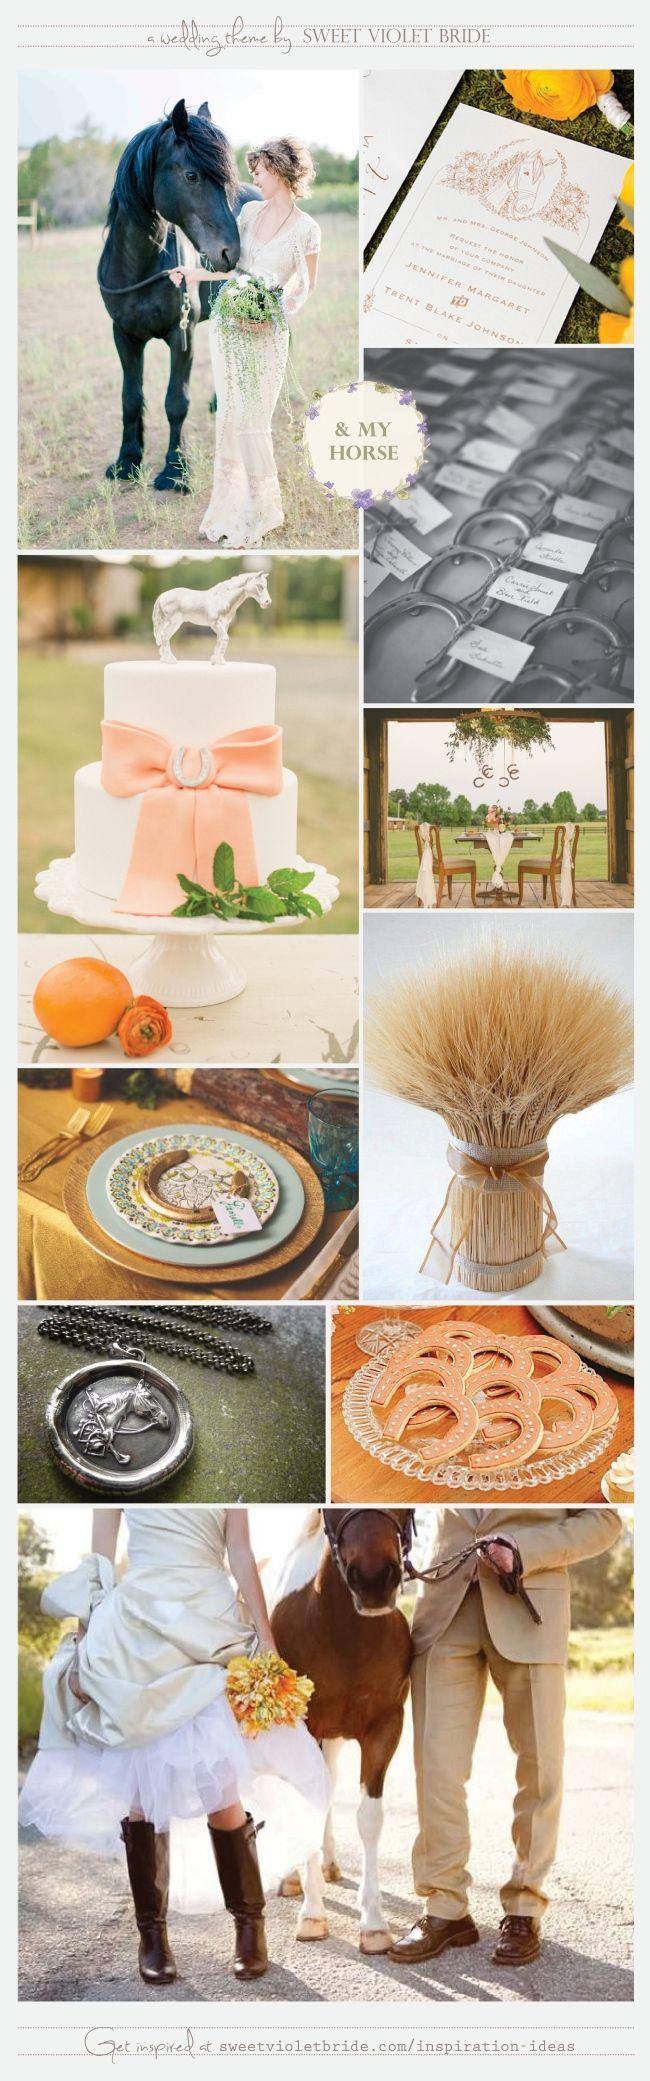 Wedding Inspiration Board: Equestrian Wedding - Horse Theme